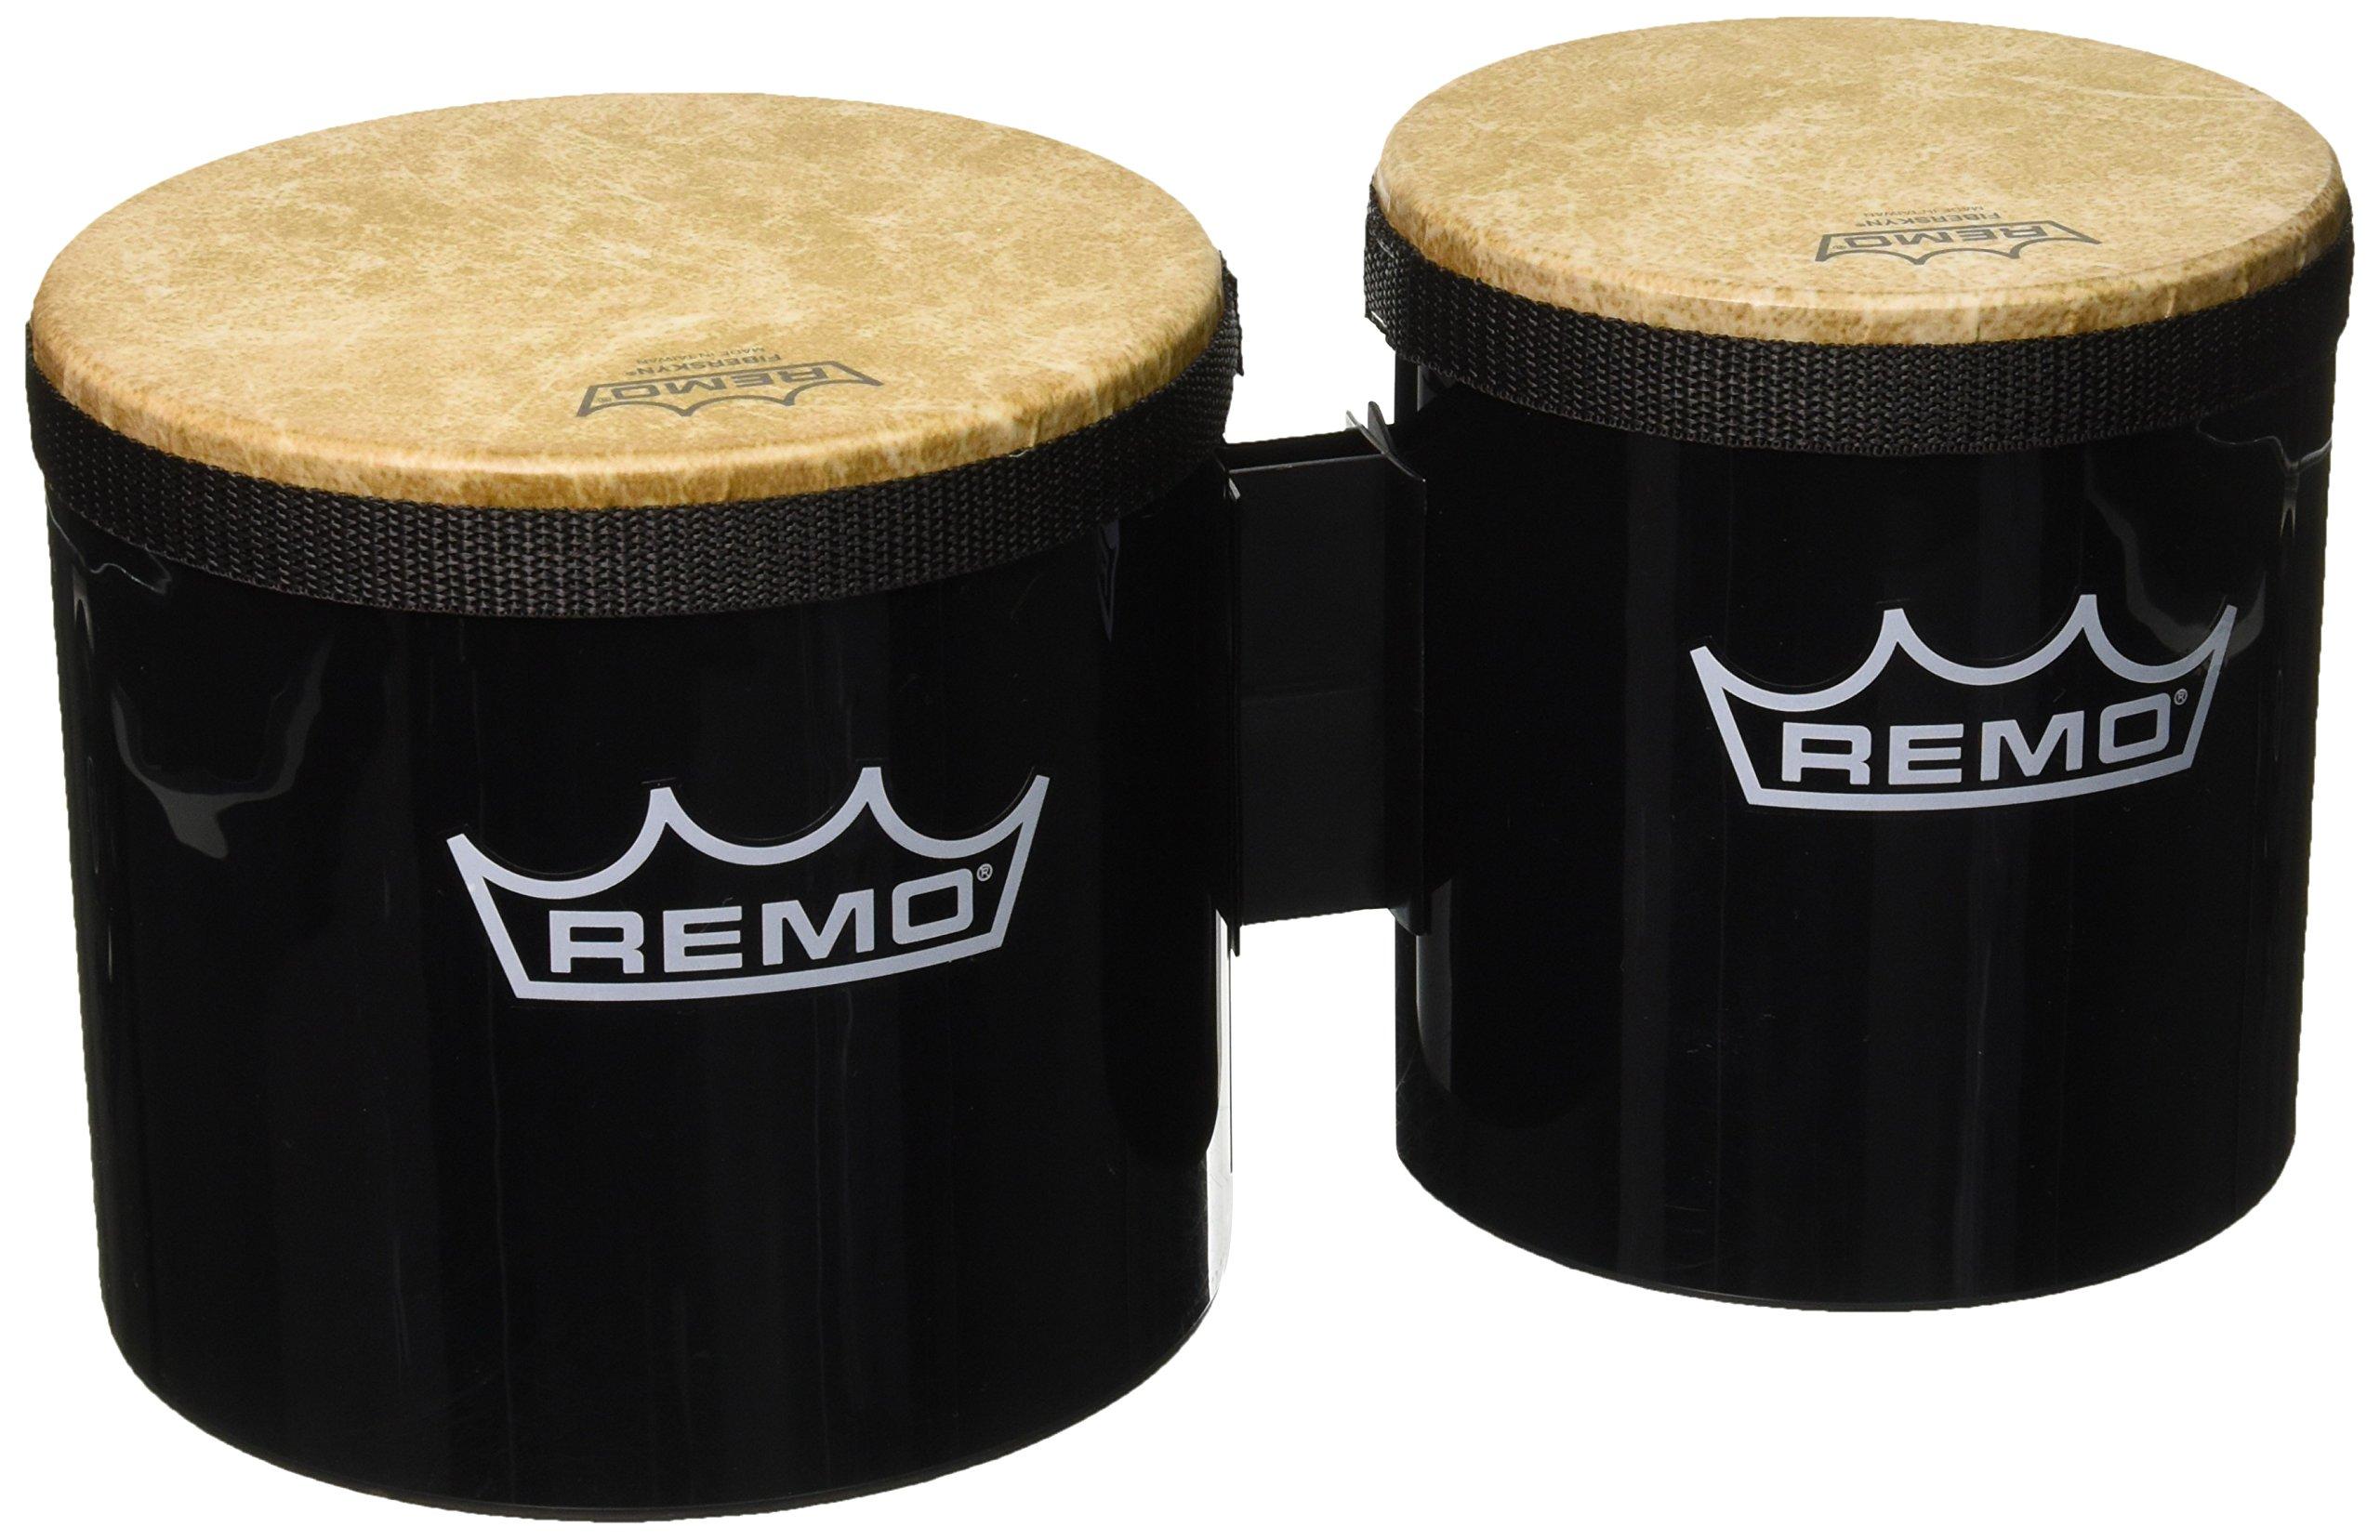 Remo BG-5300-70 Festival Bongo Drum - Black, 6''- 7''